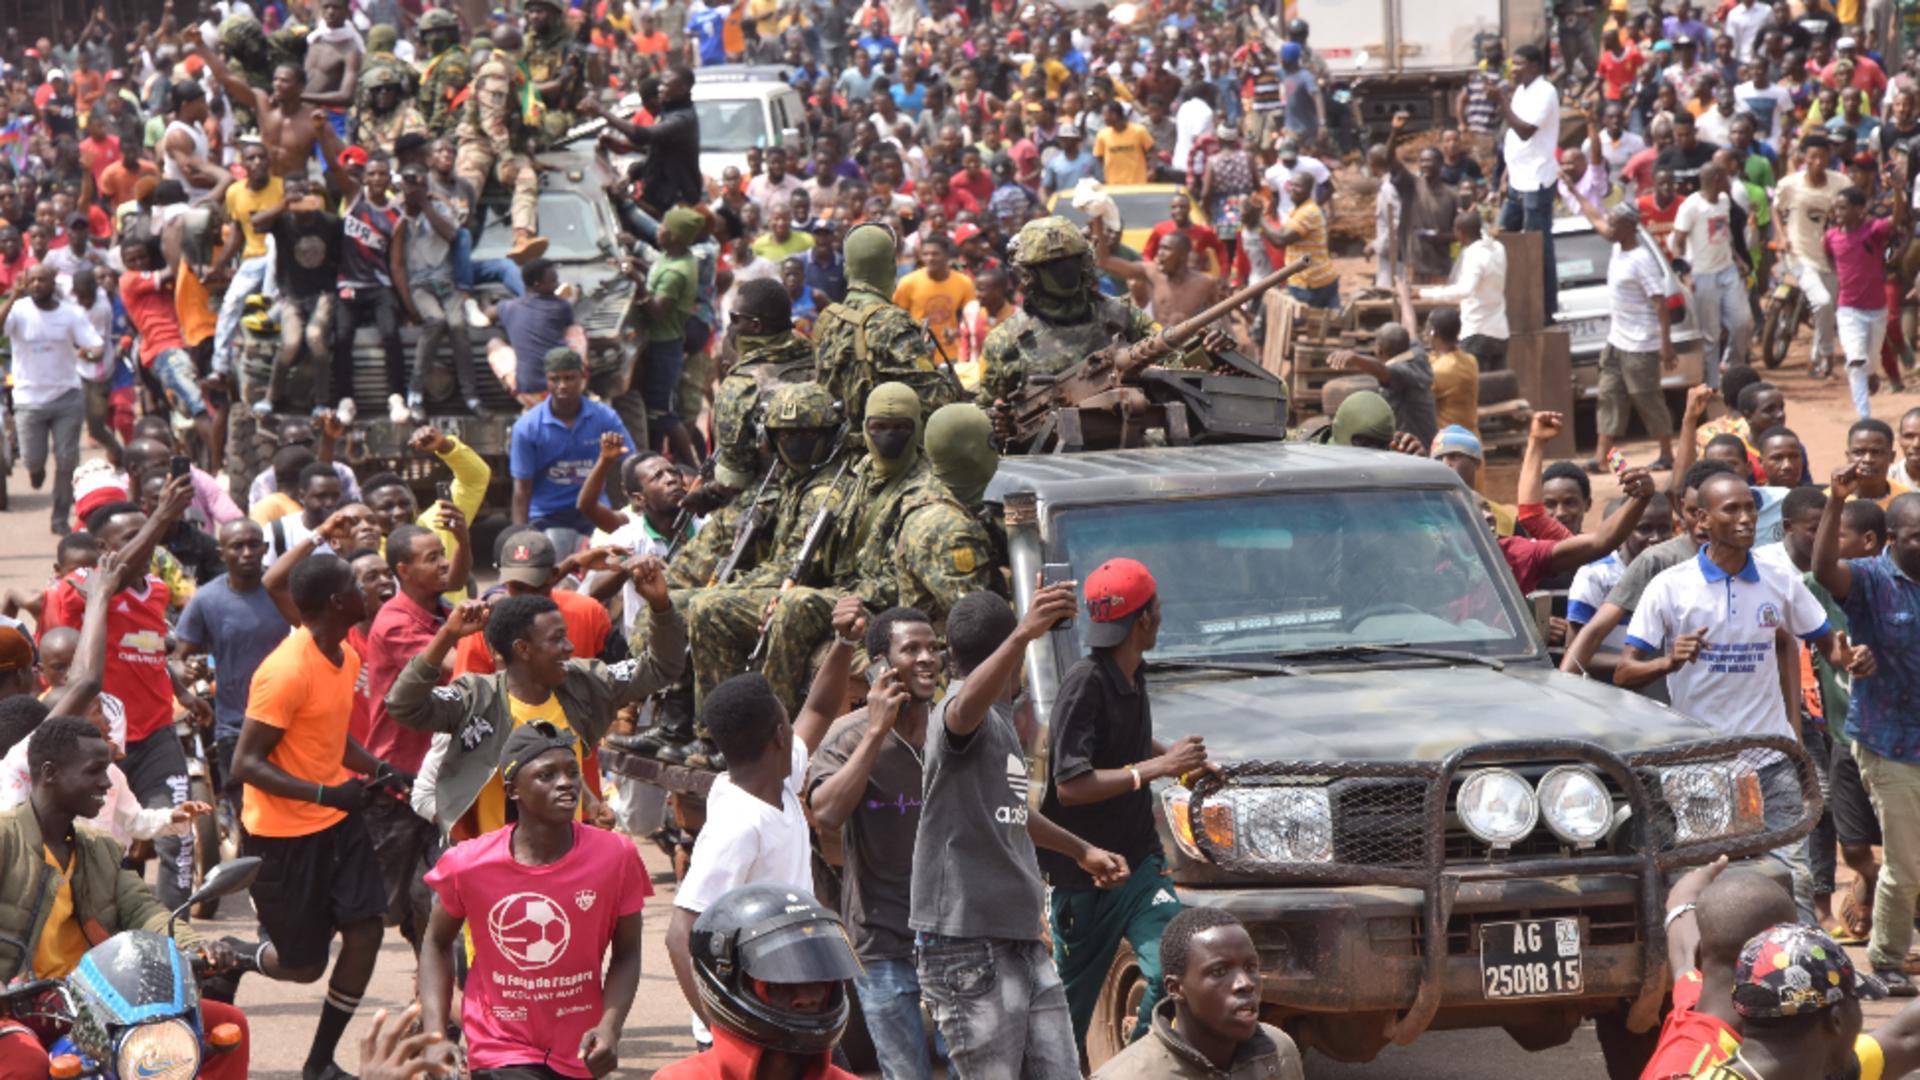 Lovitură de stat în Guineea / Foto: Profi Media